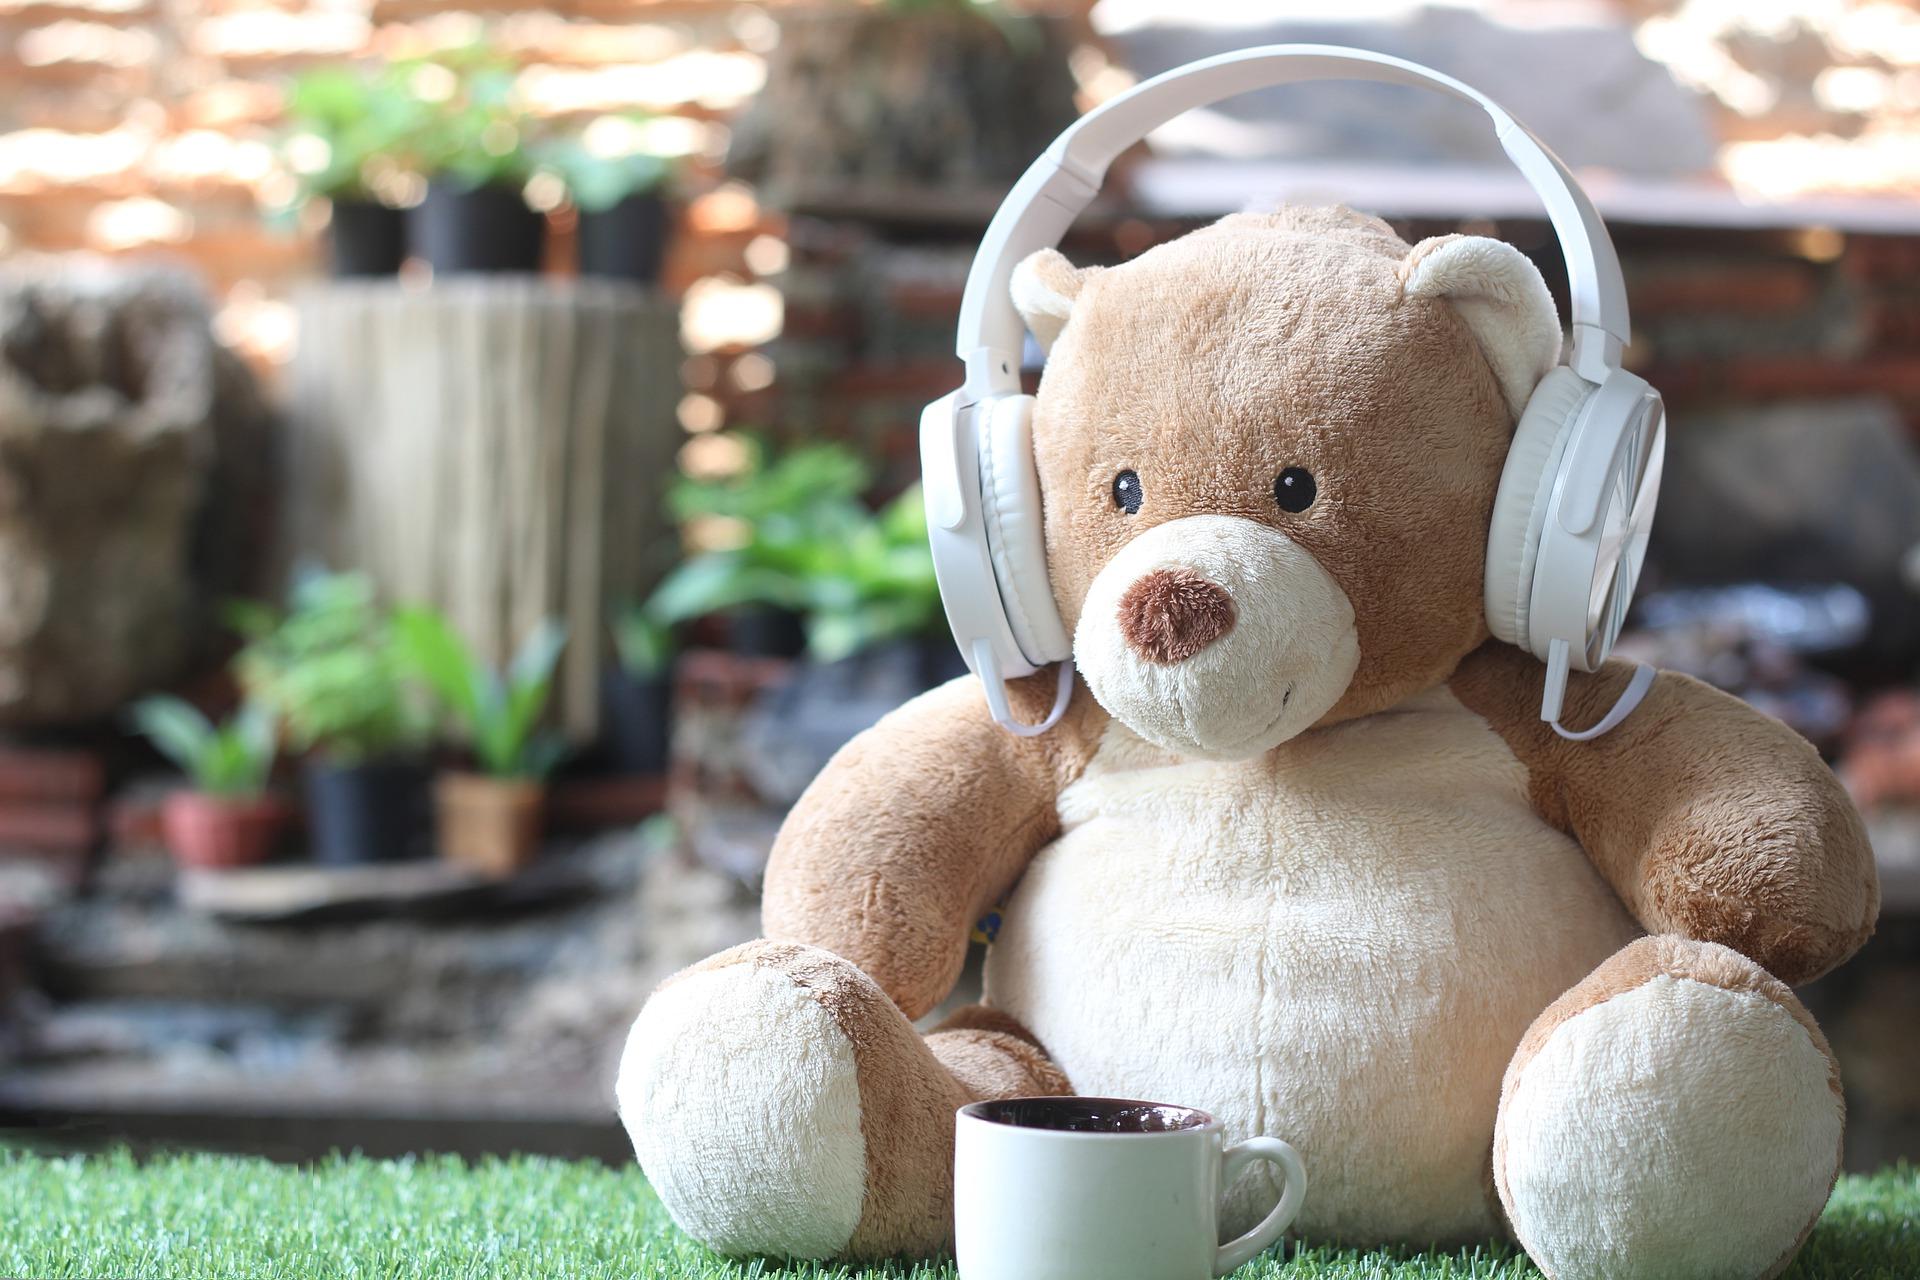 Рейтинг лучших музыкальных игрушек для детей на 2021 год